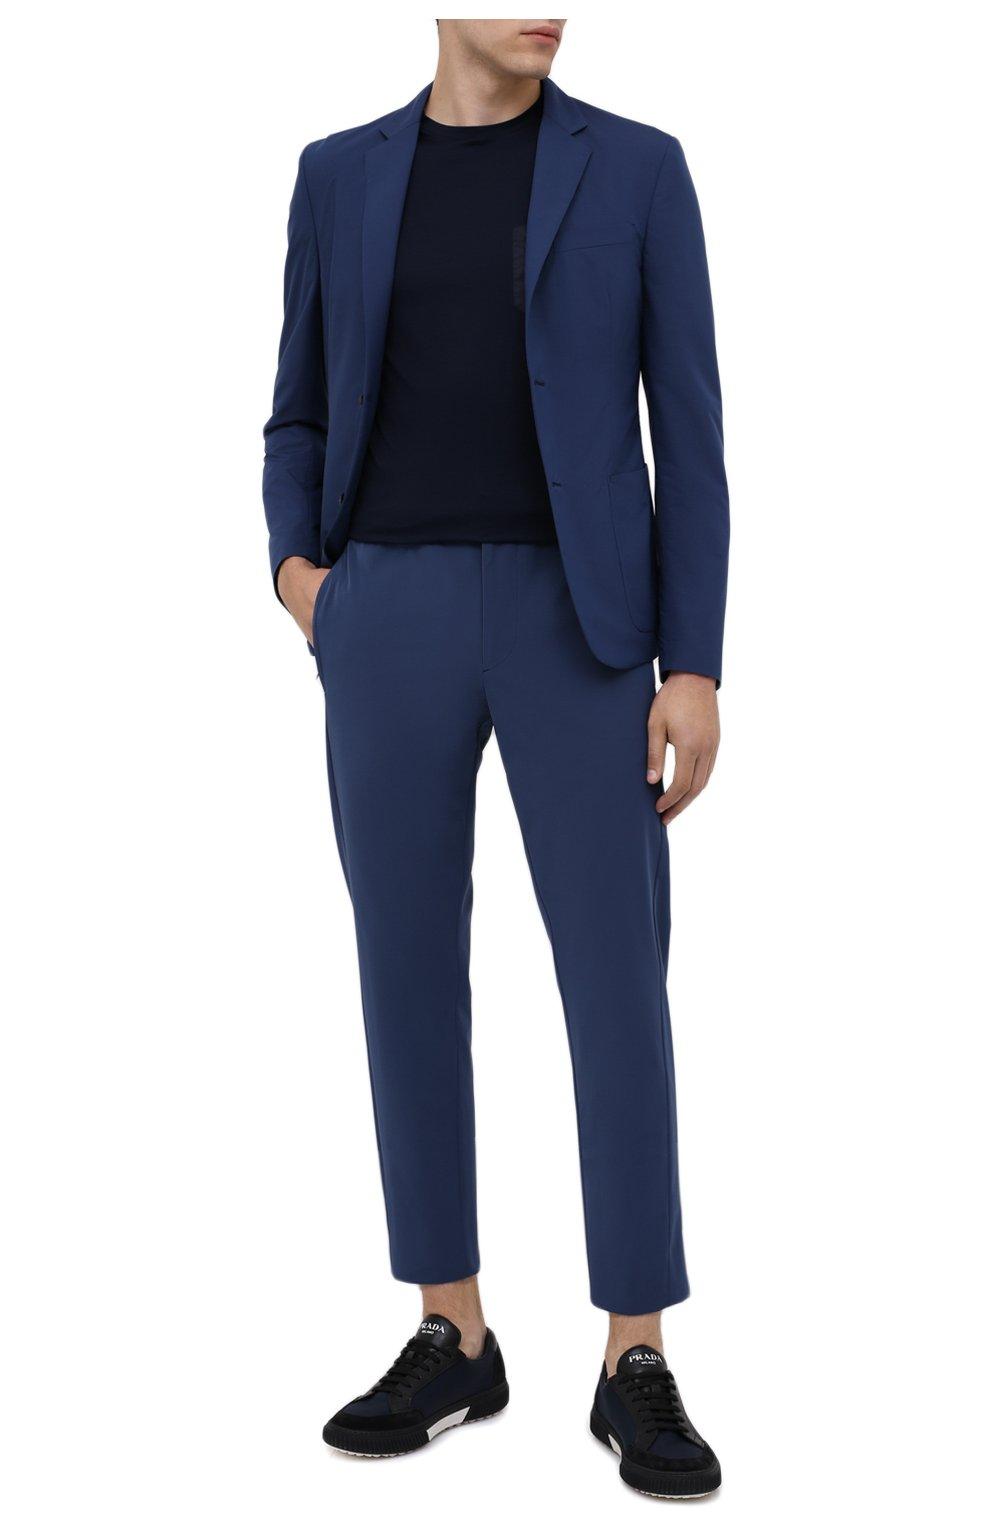 Мужские брюки PRADA синего цвета, арт. SPF94-1KJW-F0YNV-191   Фото 2 (Длина (брюки, джинсы): Стандартные; Случай: Повседневный; Материал внешний: Синтетический материал; Стили: Кэжуэл)